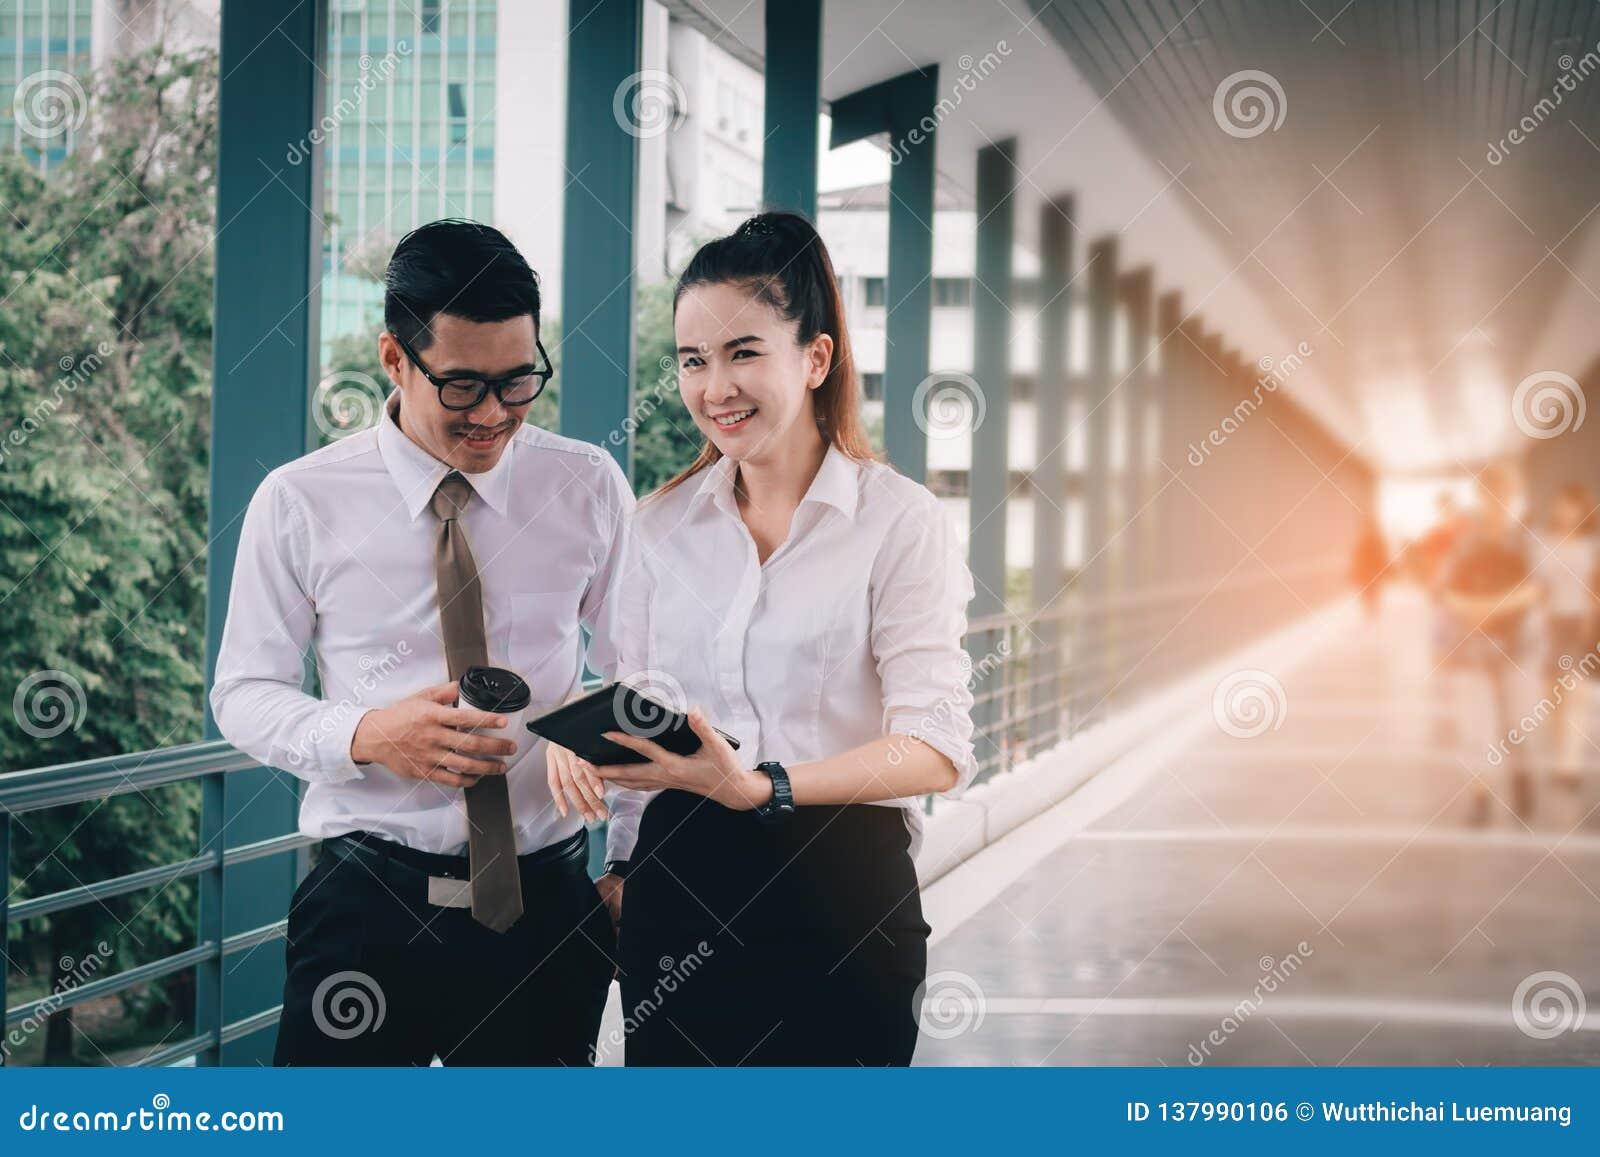 Οι επιχειρηματίες που εργάζονται στο ψηφιακό διάγραμμα ταμπλετών και ανάλυσης υποβάλλουν έκθεση μαζί στη διάβαση πεζών στο κτήριο